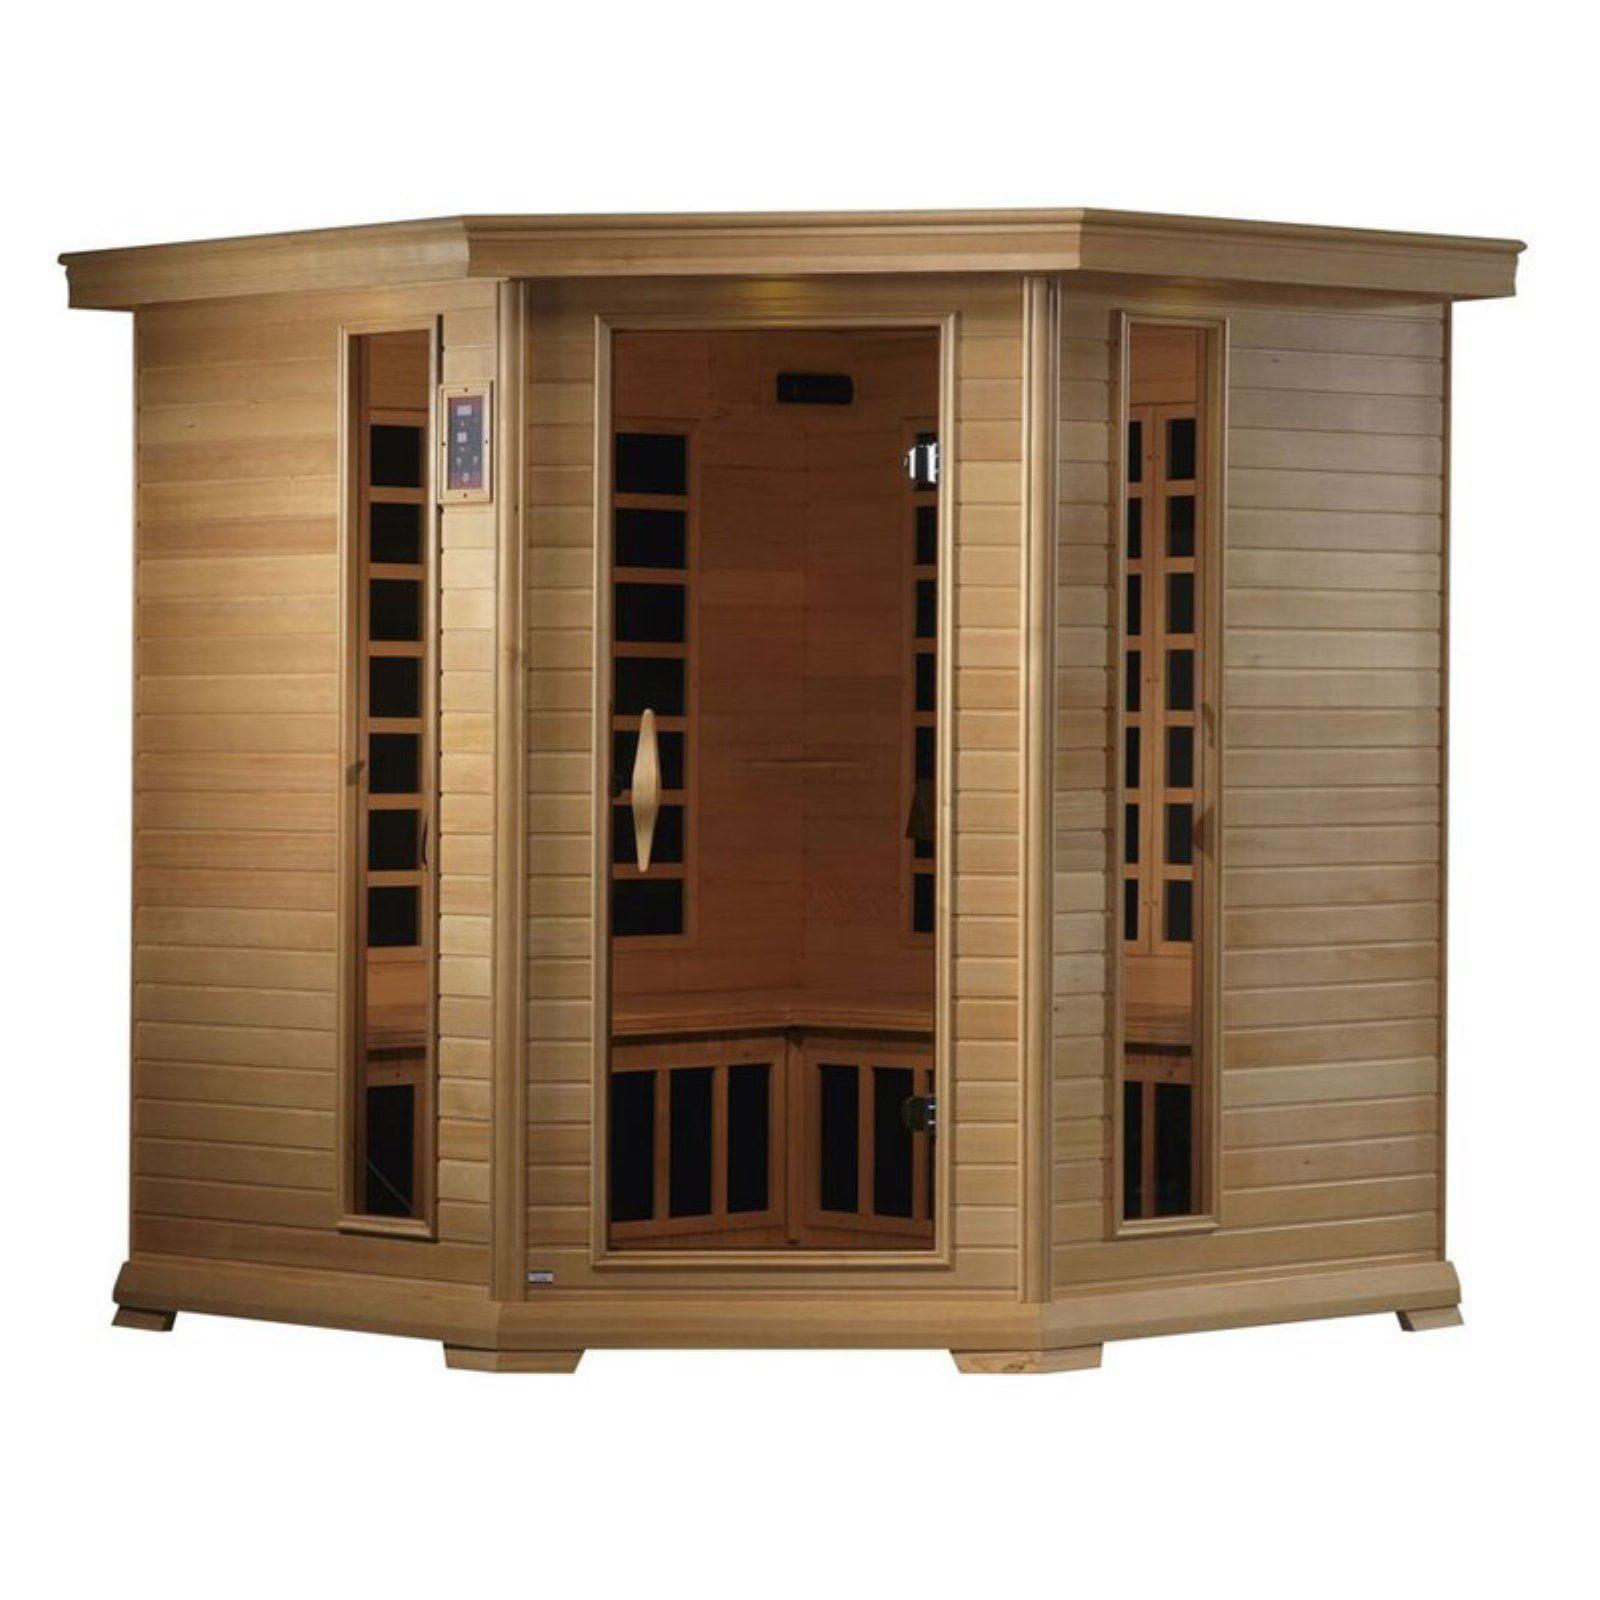 Golden Designs Inc. 4-5 Person FAR Infrared Corner Sauna by Saunas